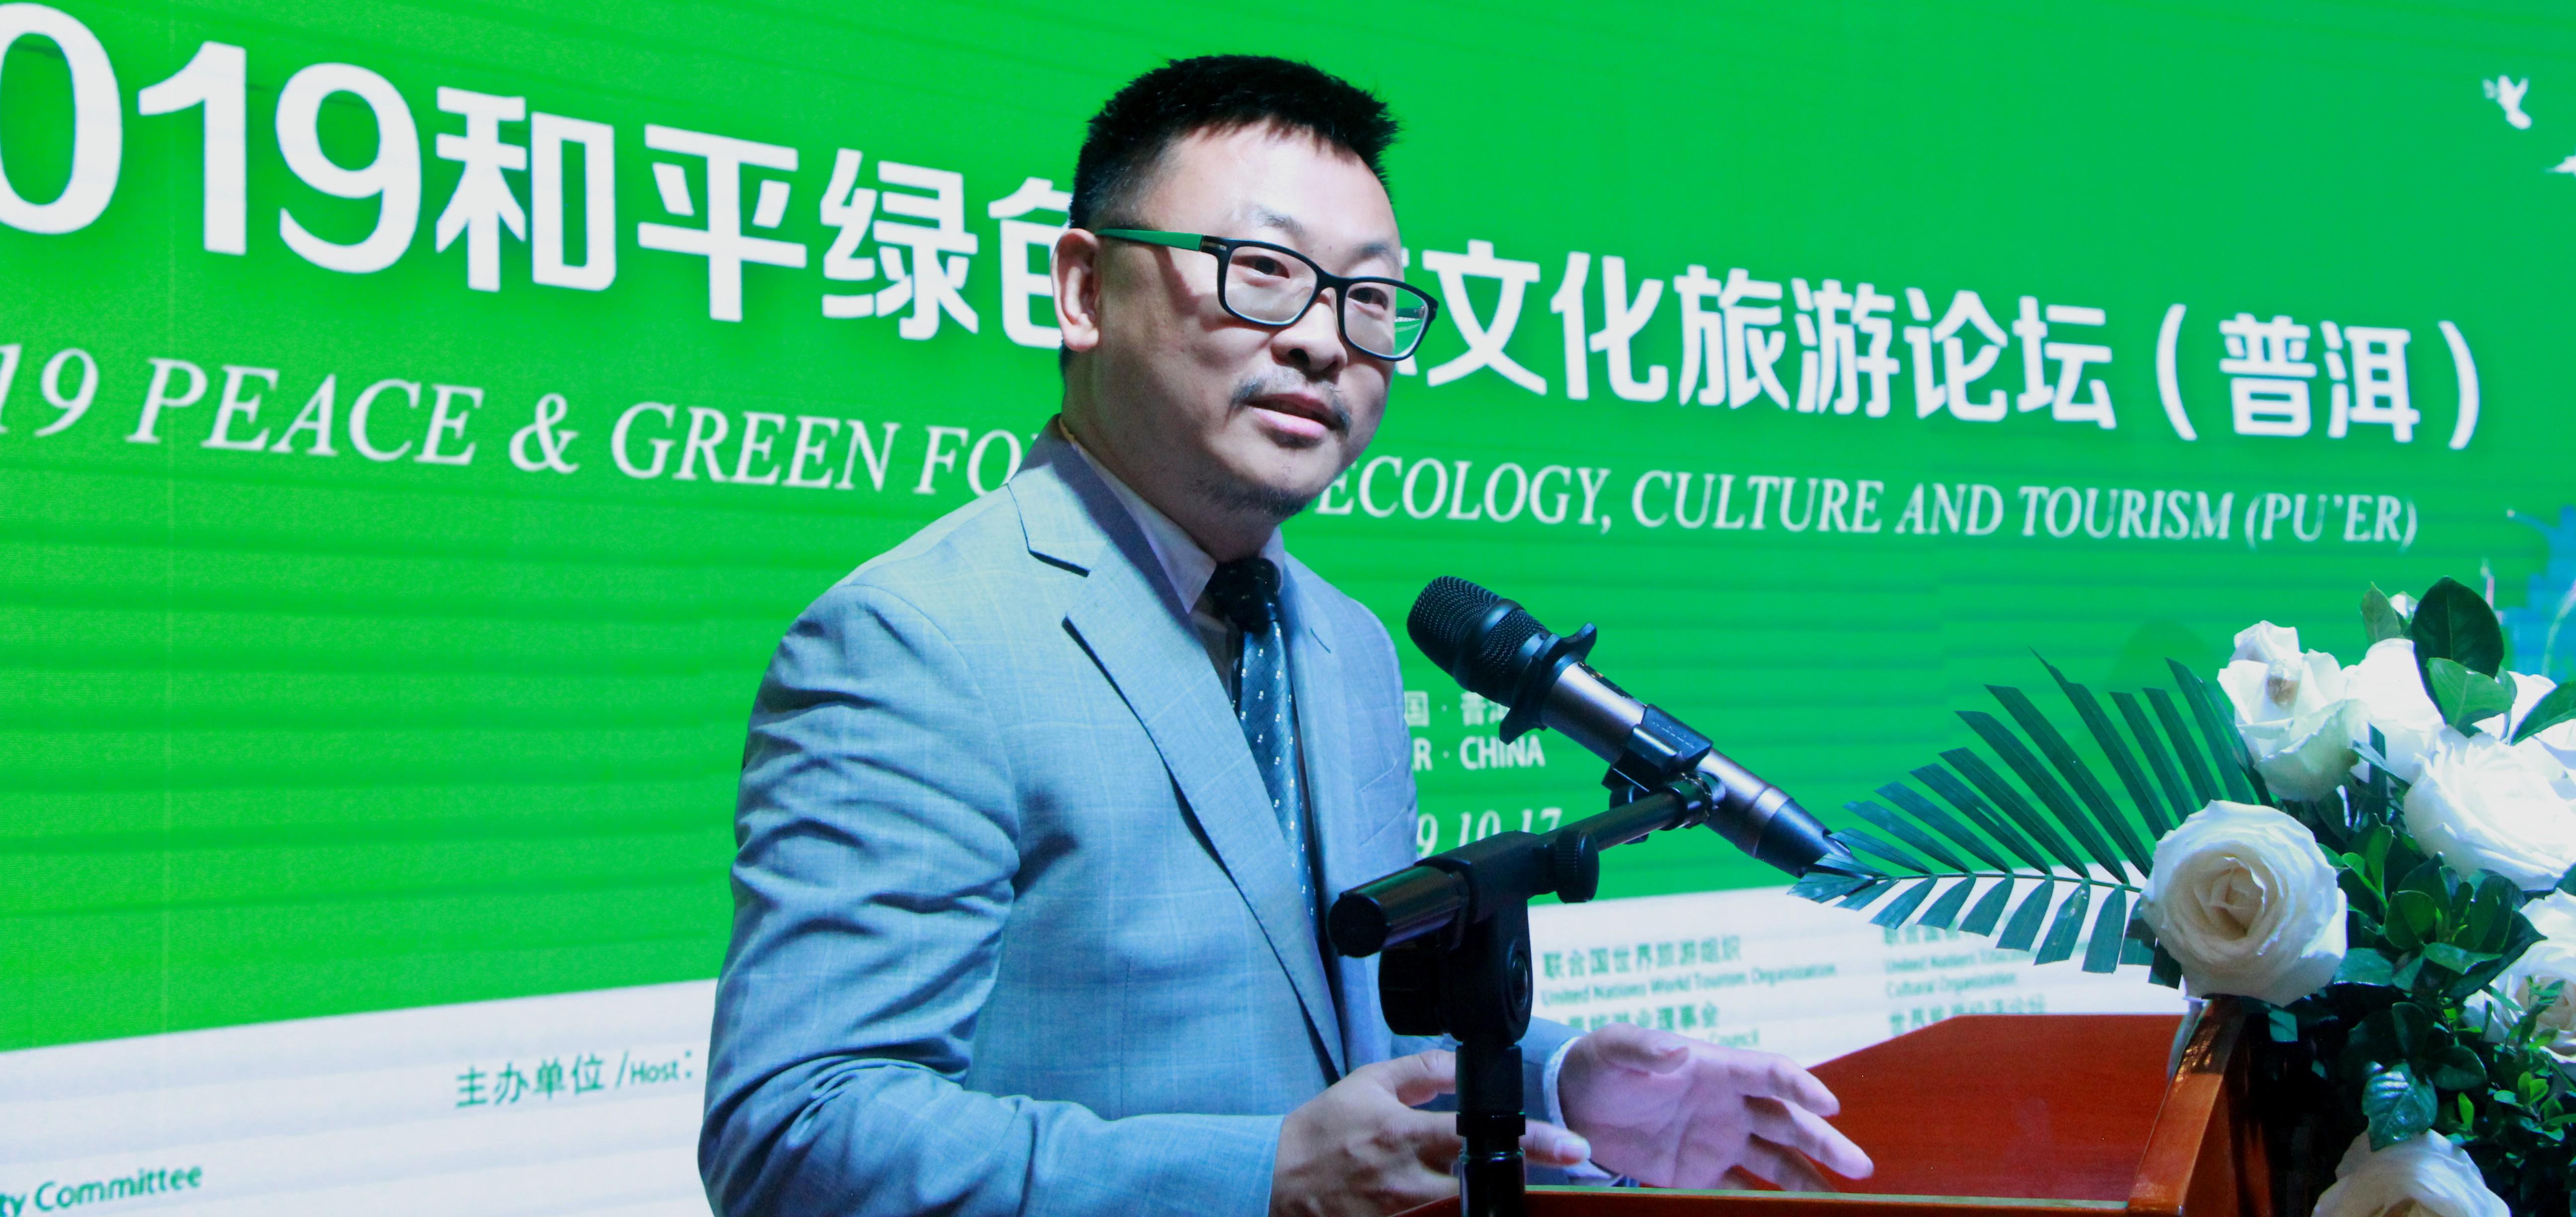 精选-7全联旅游业商会武国樑秘书长主持论坛